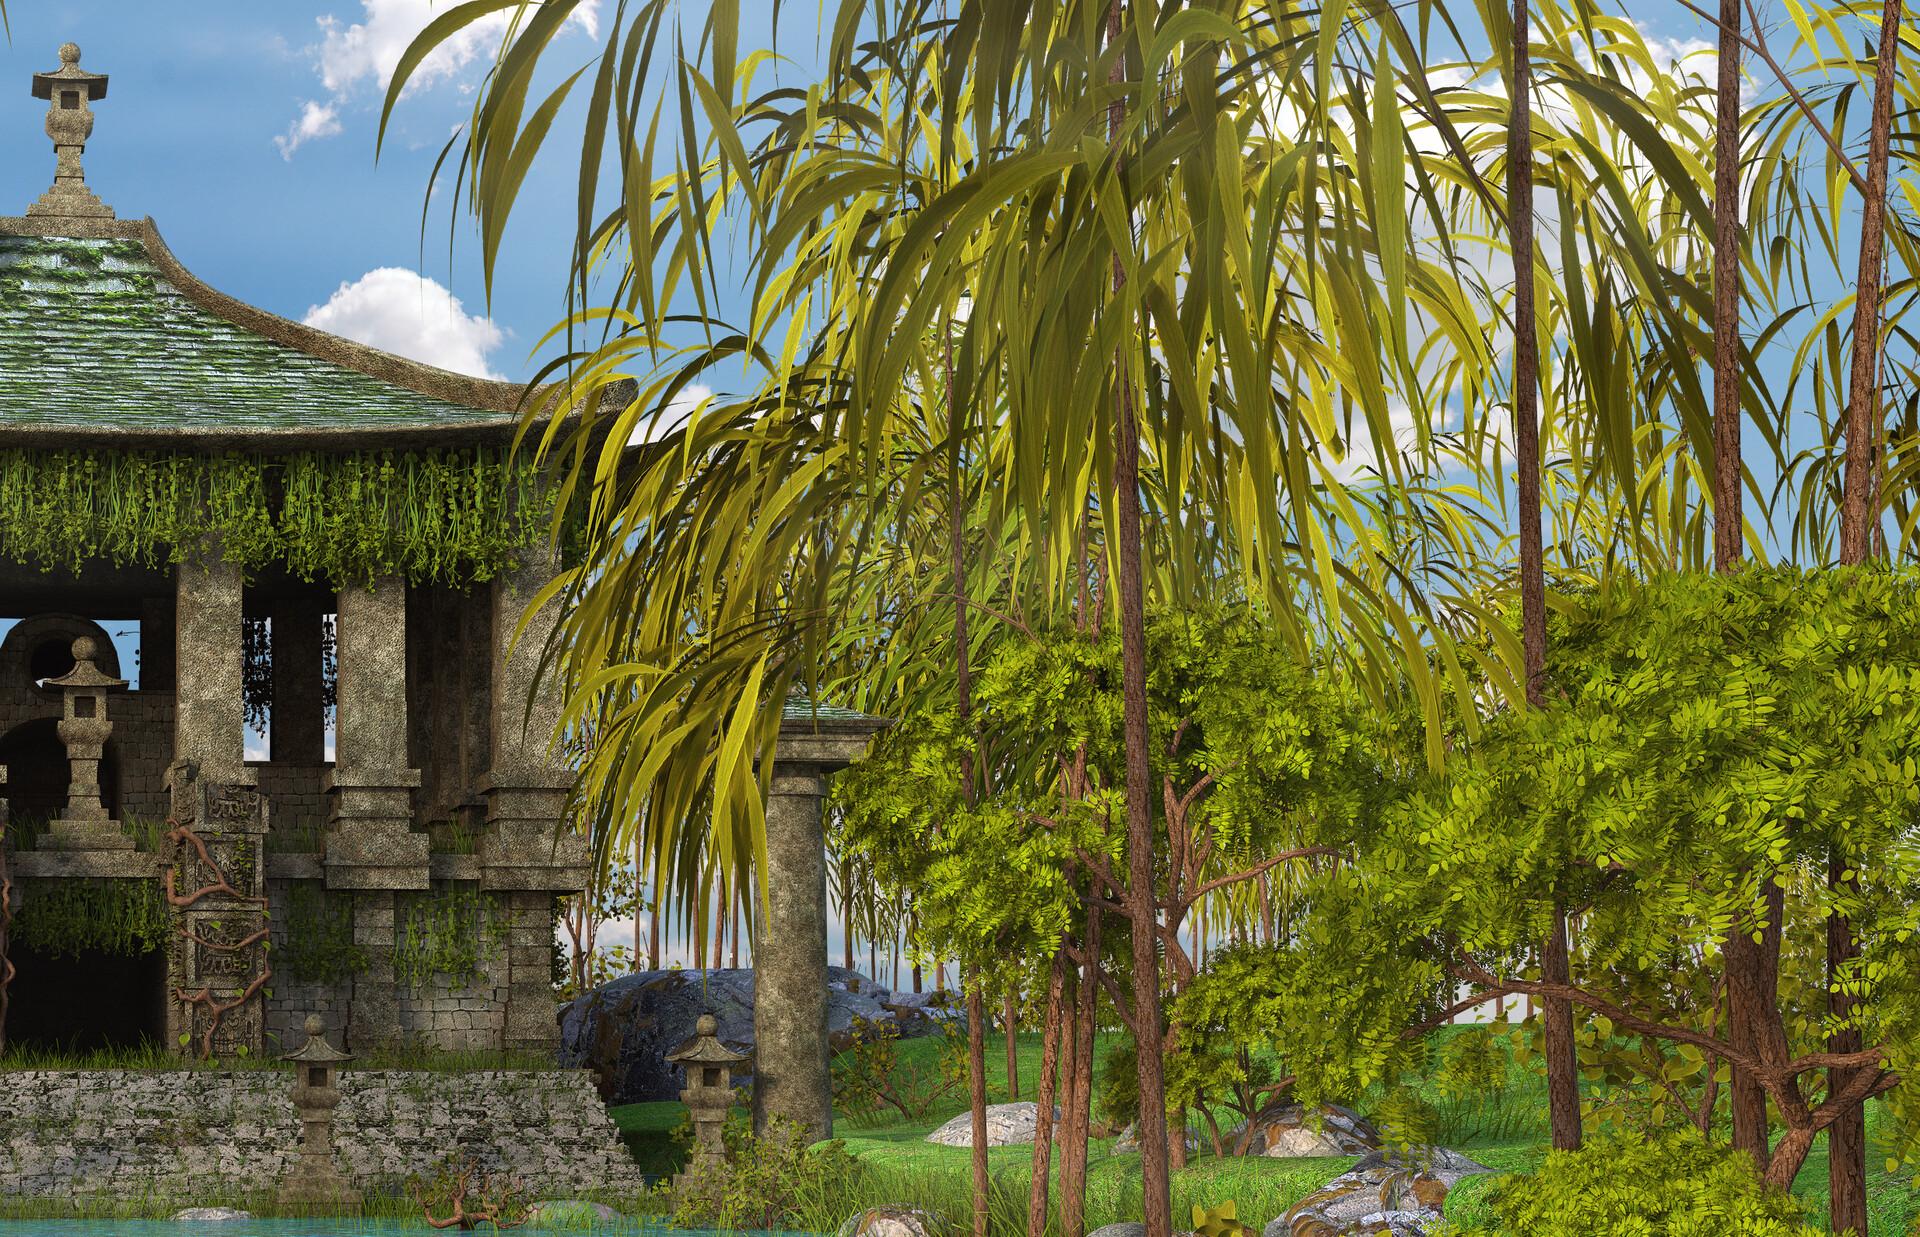 Marc mons temple7